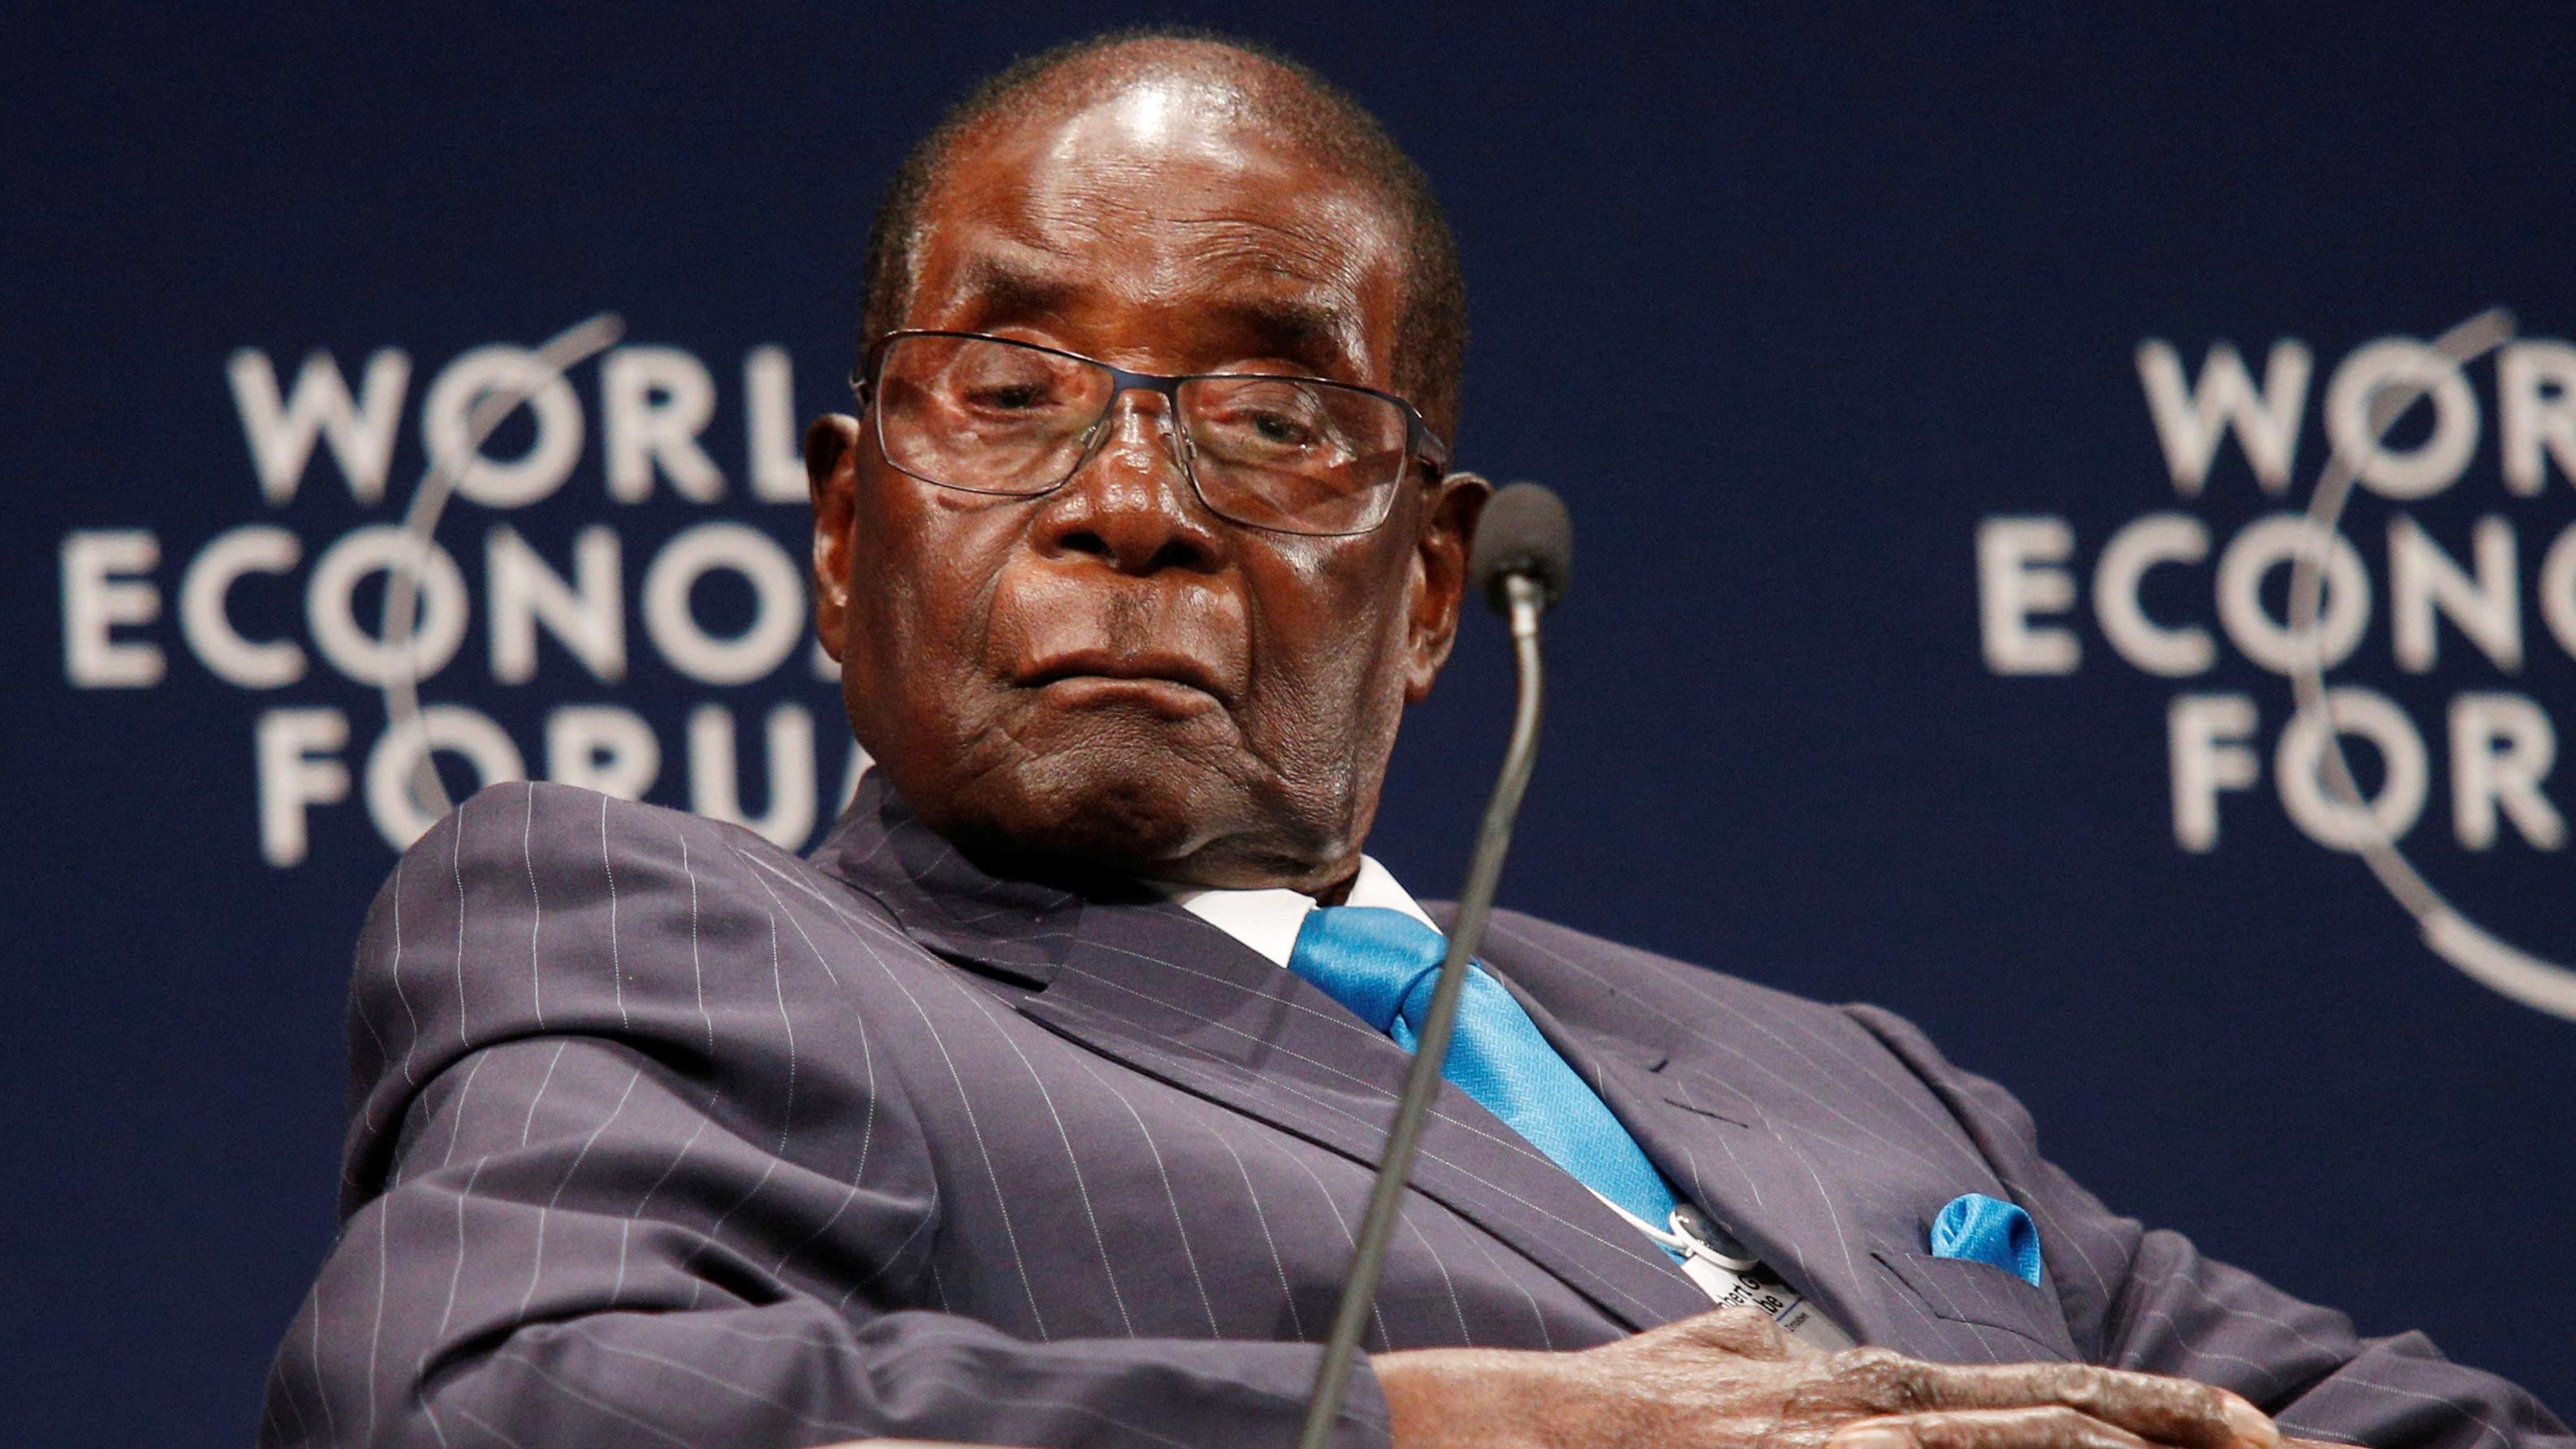 World Economic Forum Africa: Robert Mugabe says Zimbabwe is not a fragile state